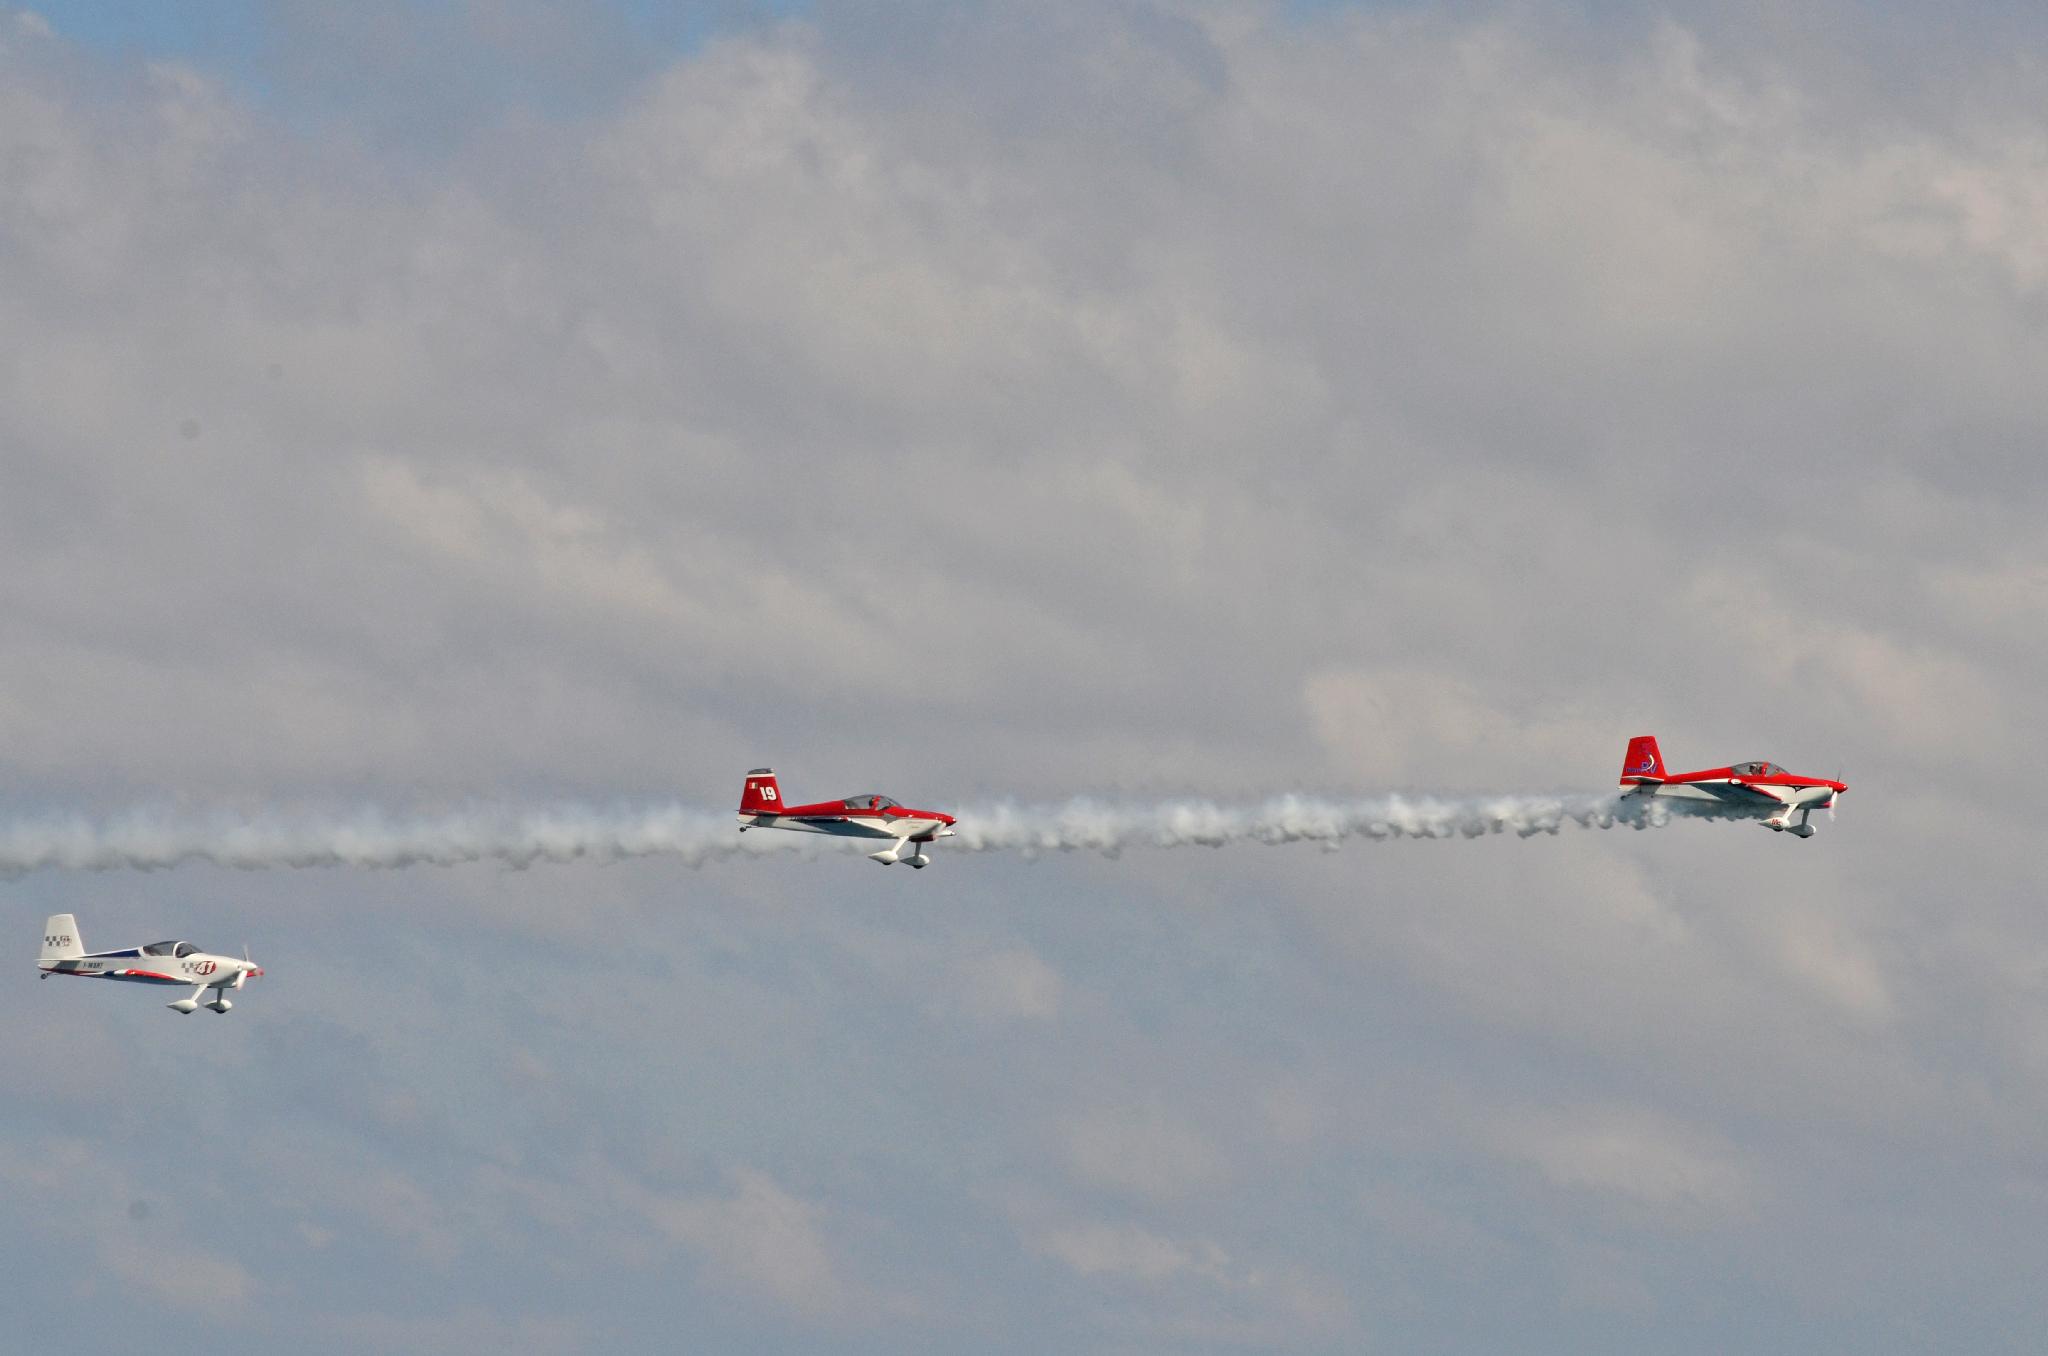 Elicottero Etimologia : Air show loano notizie